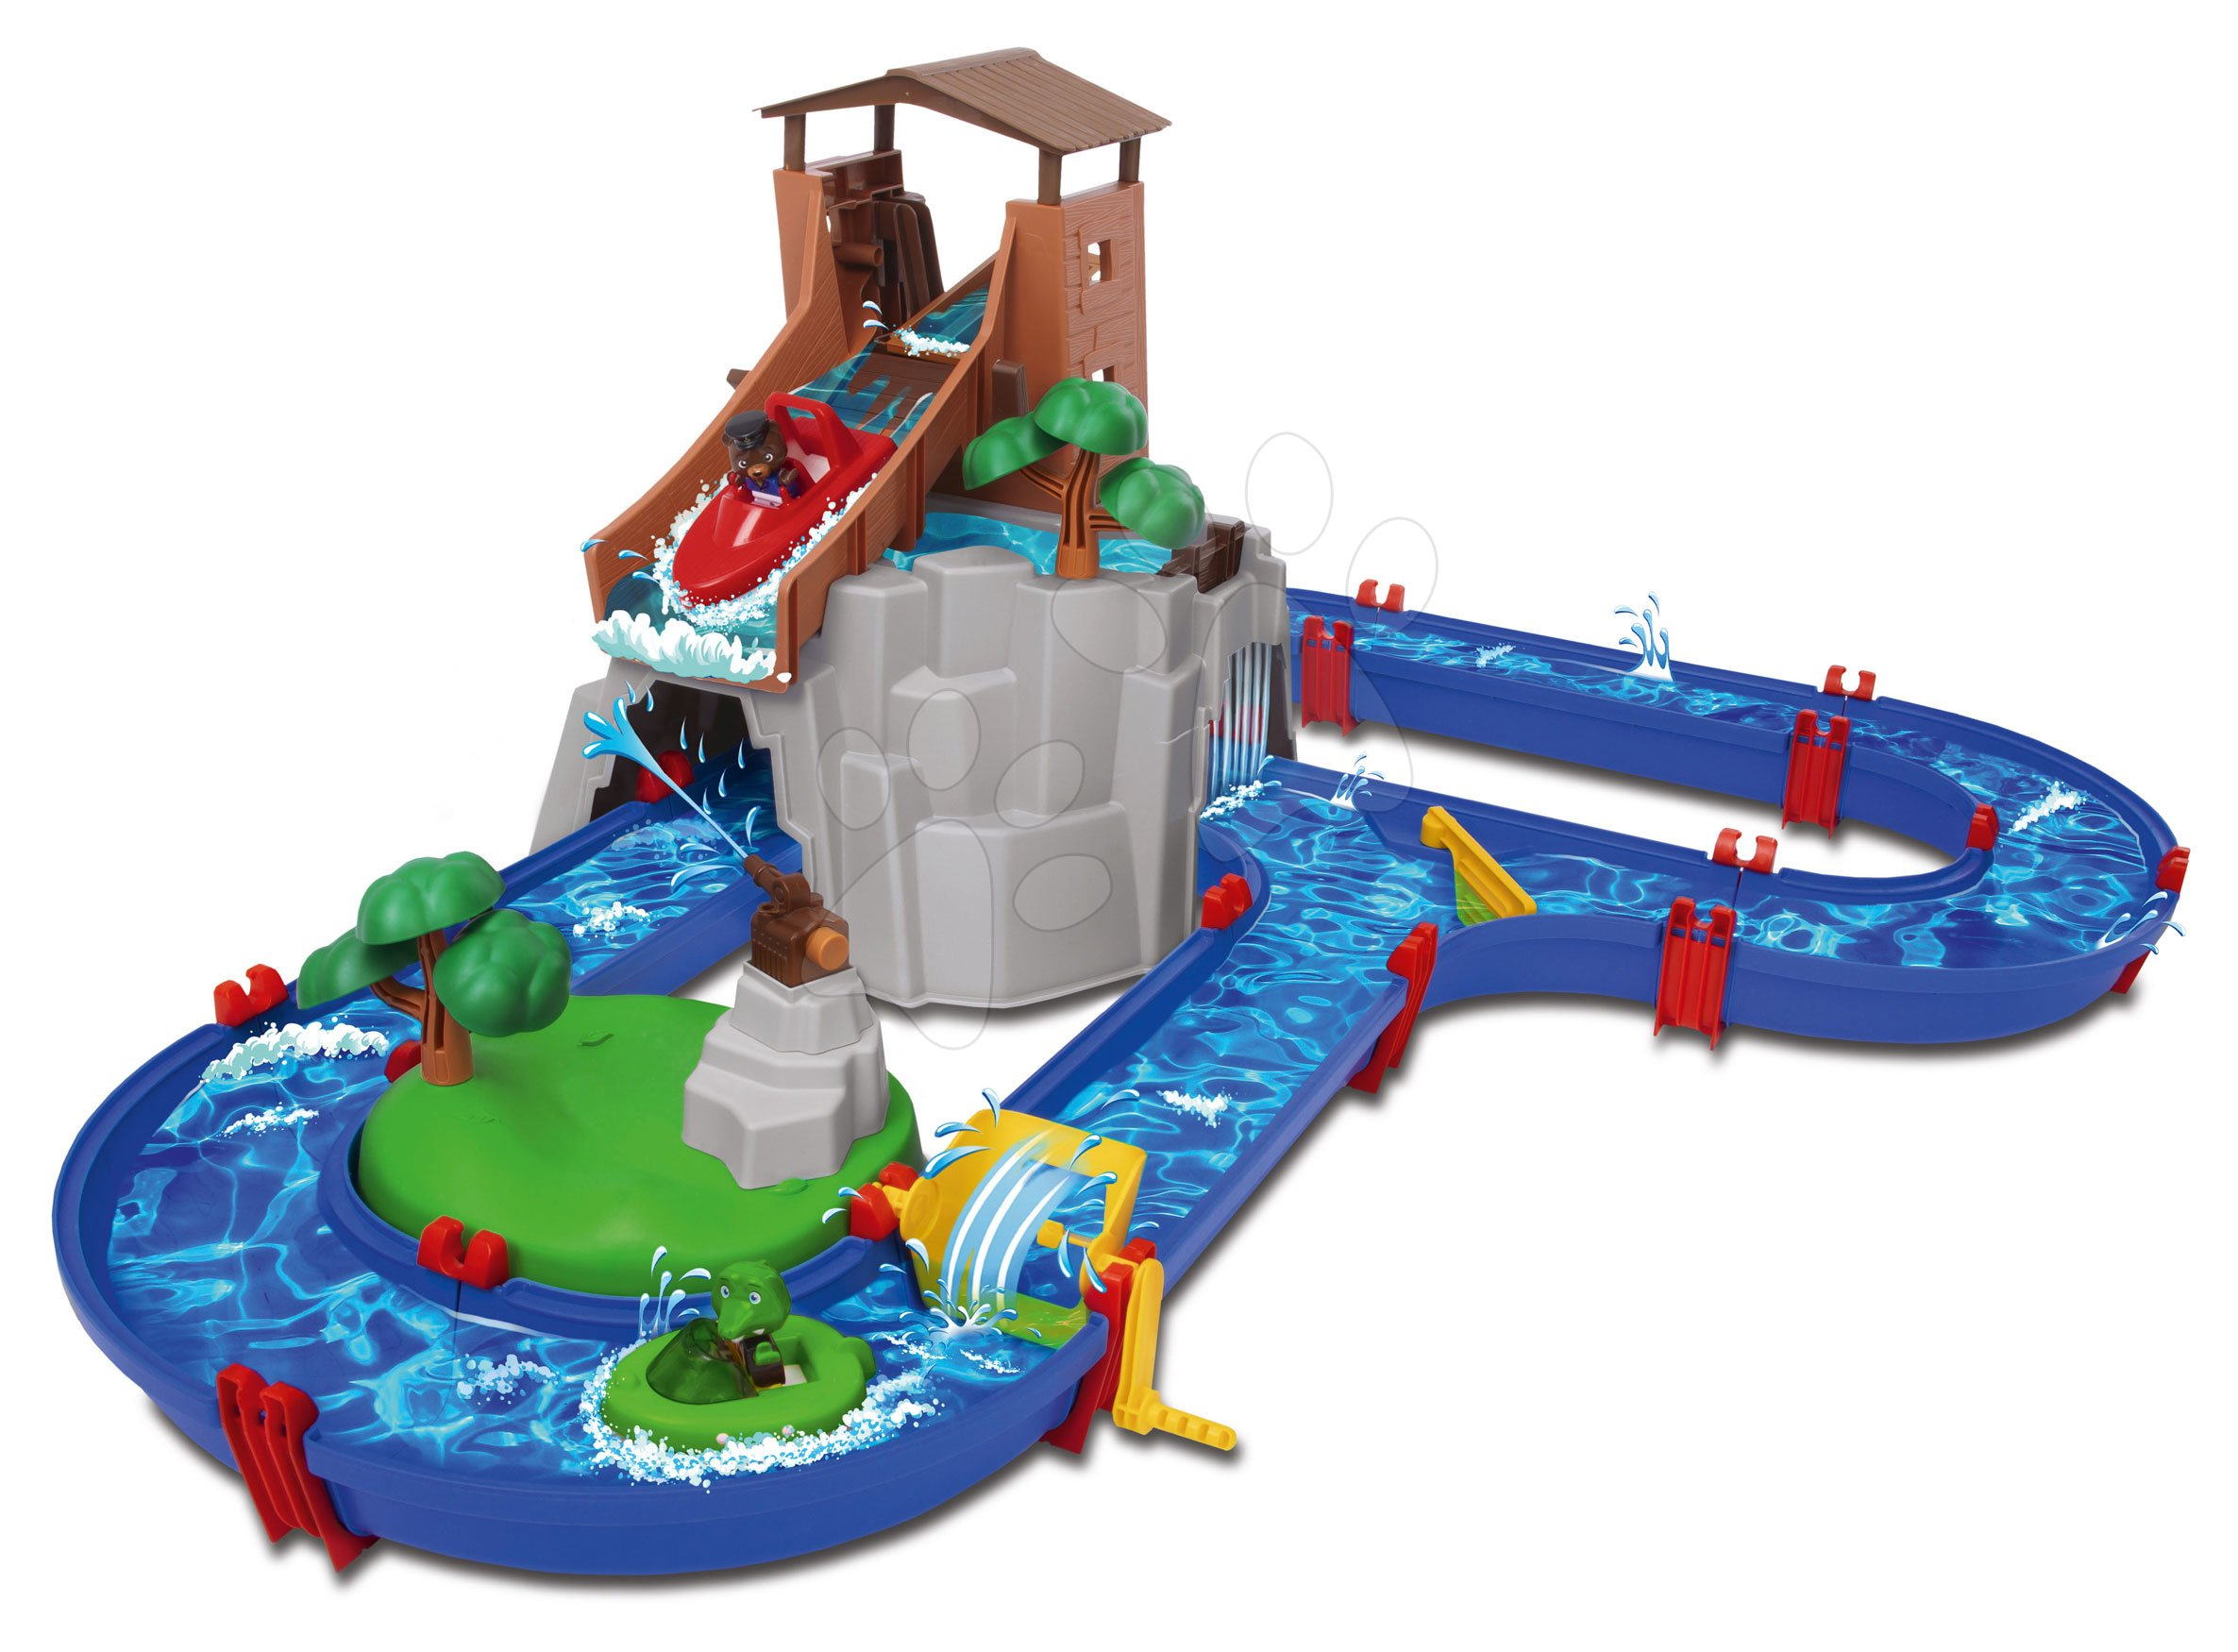 Vodní dráha Adventure Land AquaPlay dobrodružství pod vodopádem a 2 figurky v horské věži s vodním dělem